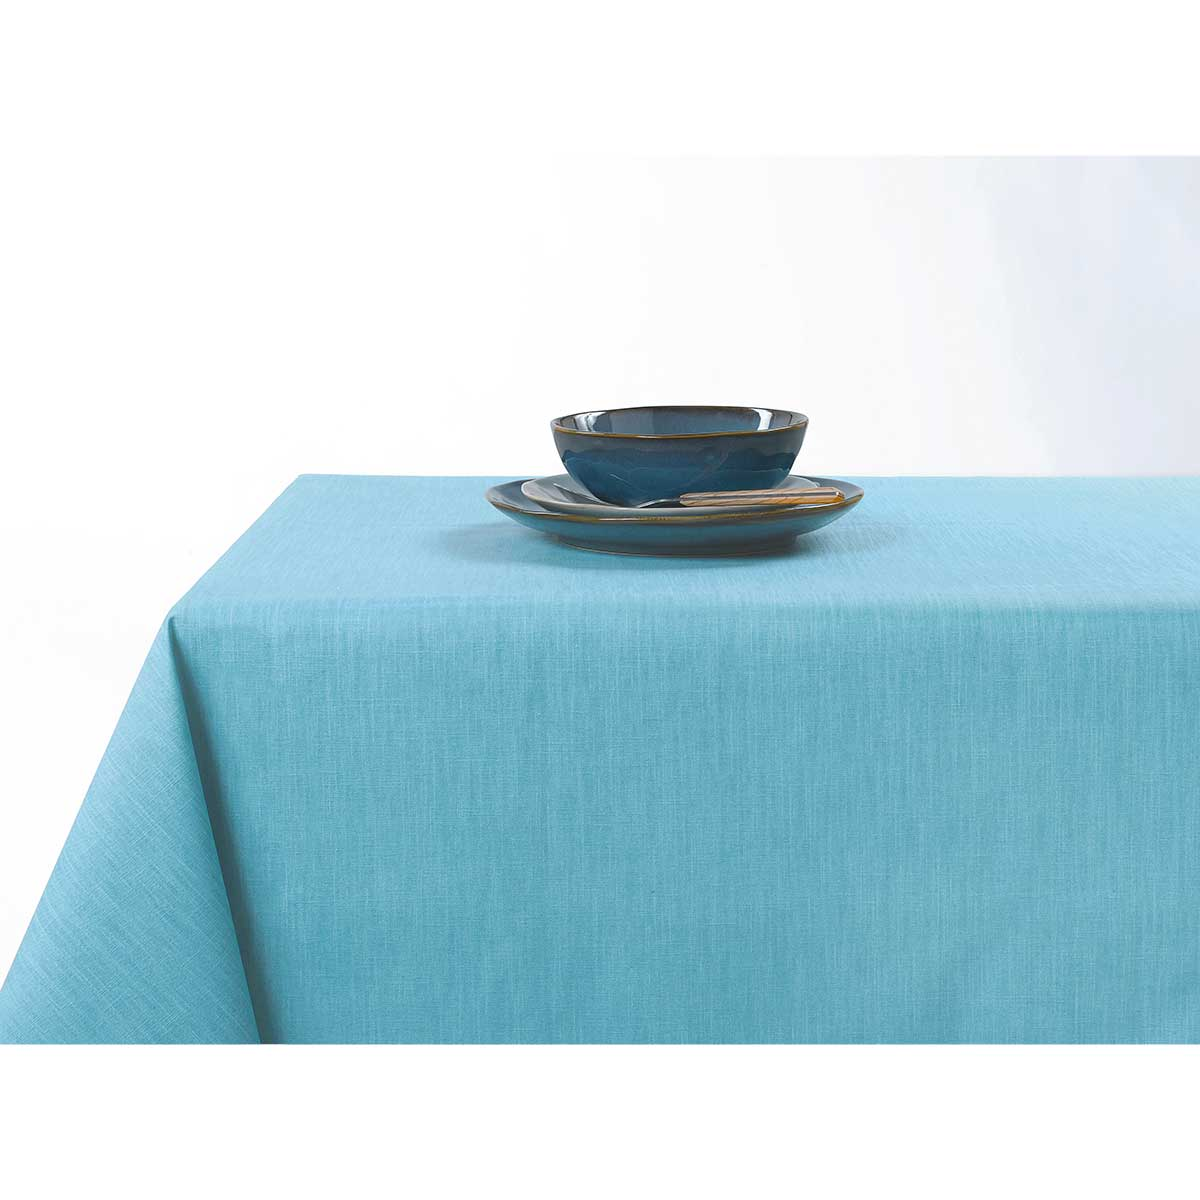 Nappe enduite anti taches aux couleurs acidulées (Bleu)